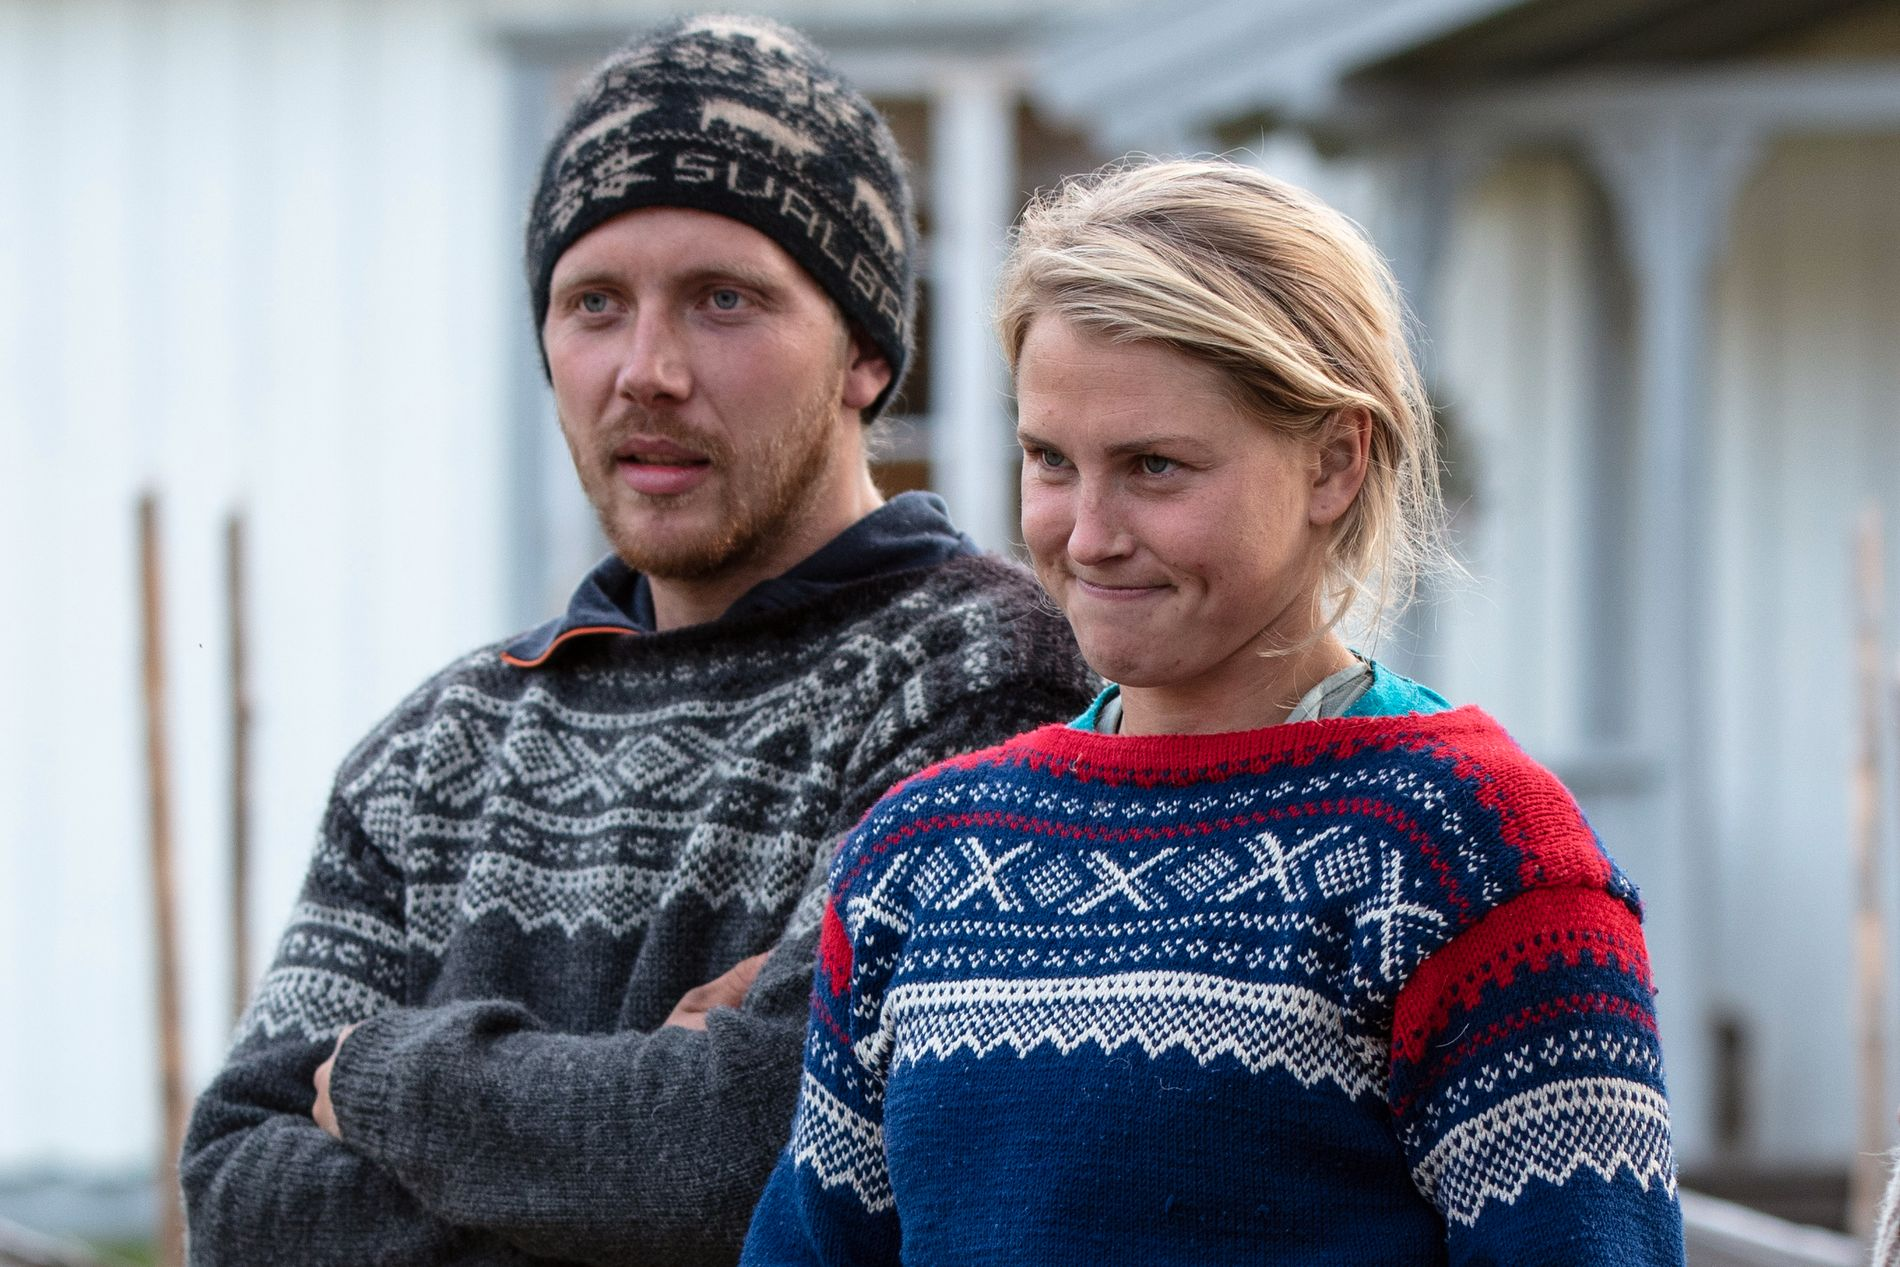 TØYET GRENSER: Kjetil Nørstebø og Tonje Frøystad Garvik spiste og drakk godt av mat og drikke de fikk inn på gården på «ulovlig» vis.